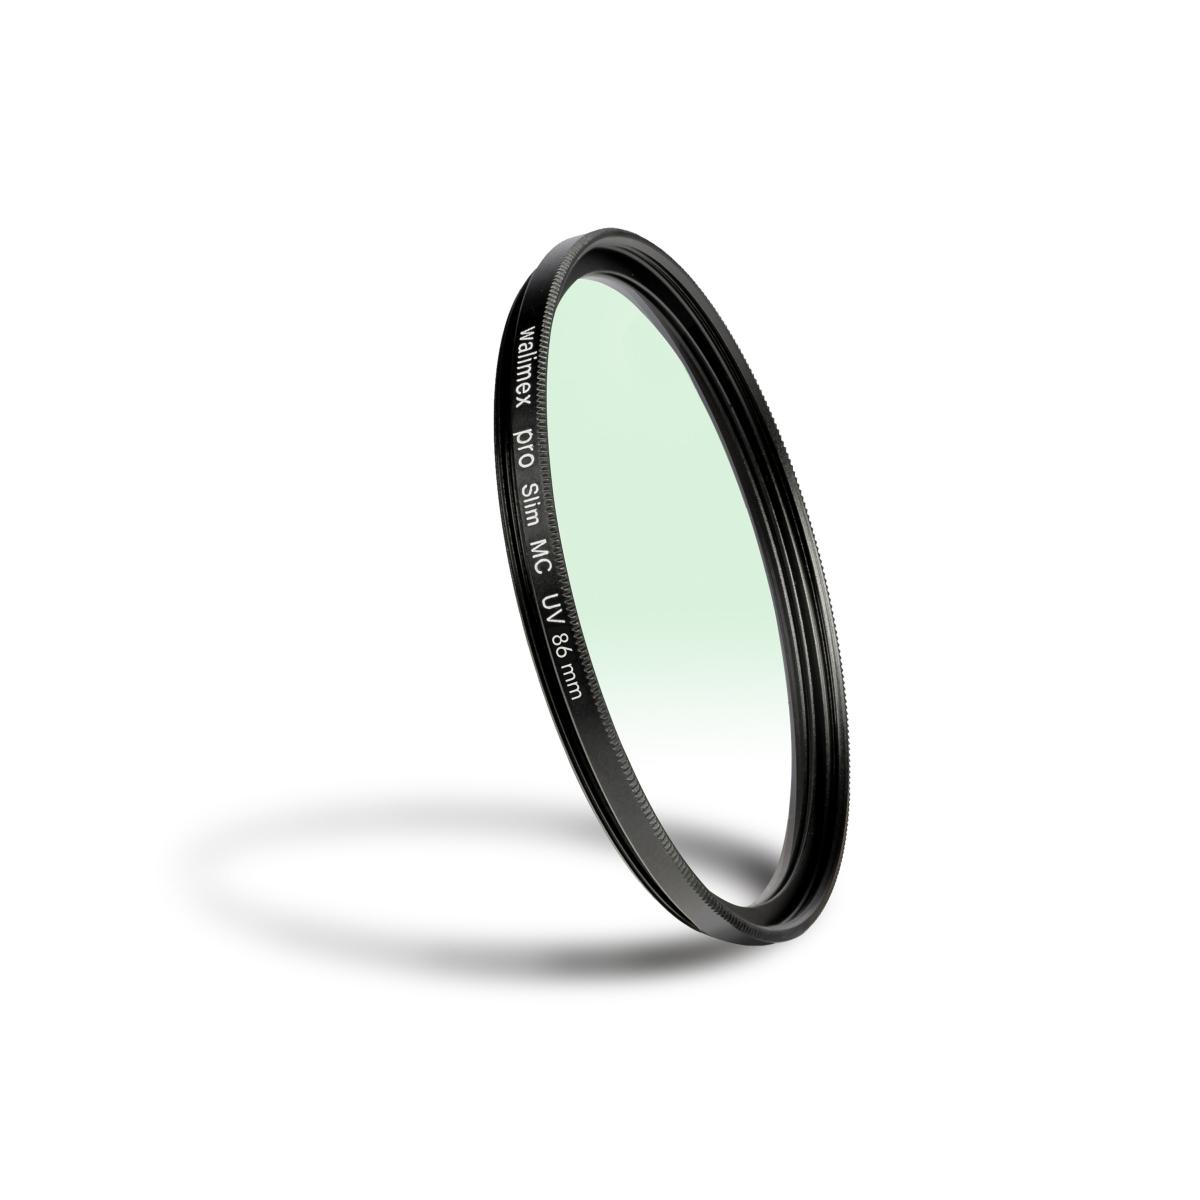 walimex pro UV-Filter slim MC 86mm